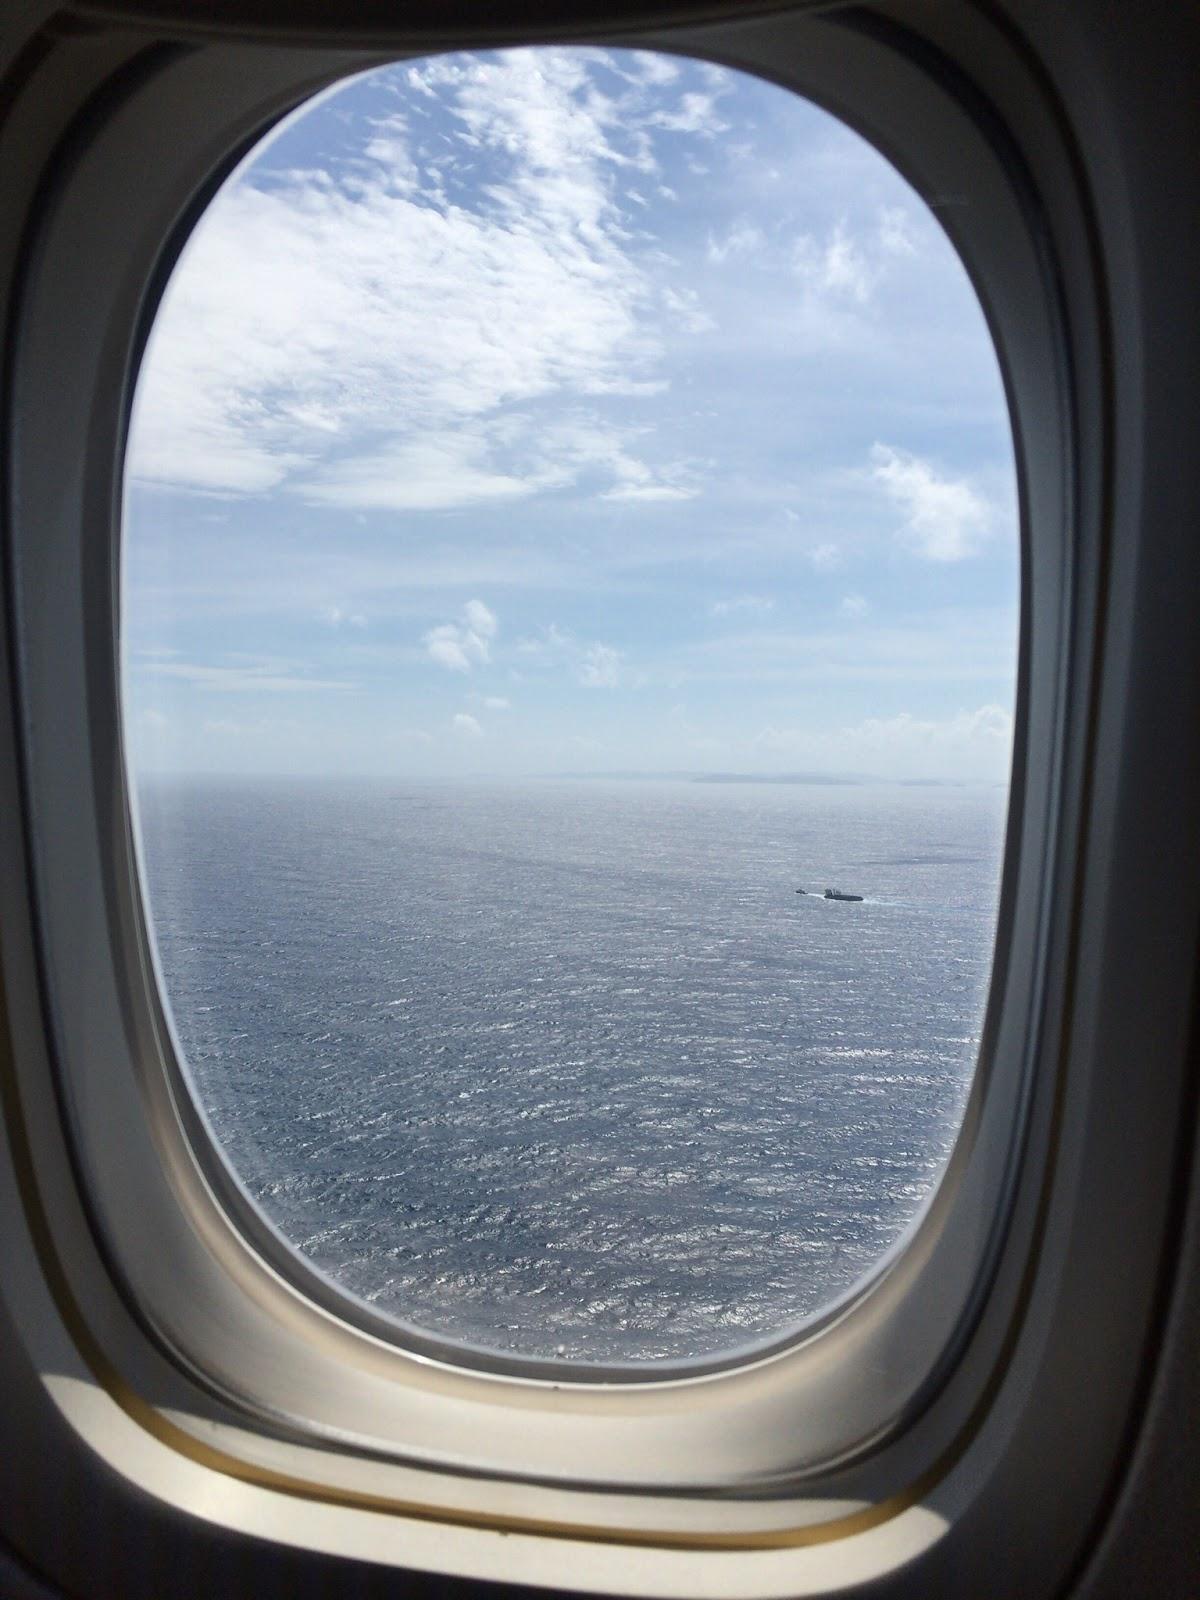 18レグ JL915 東京・羽田-沖縄・那覇 ファーストクラス | 搭乗記録 | マイル修行:JAL・JGCの旅2016